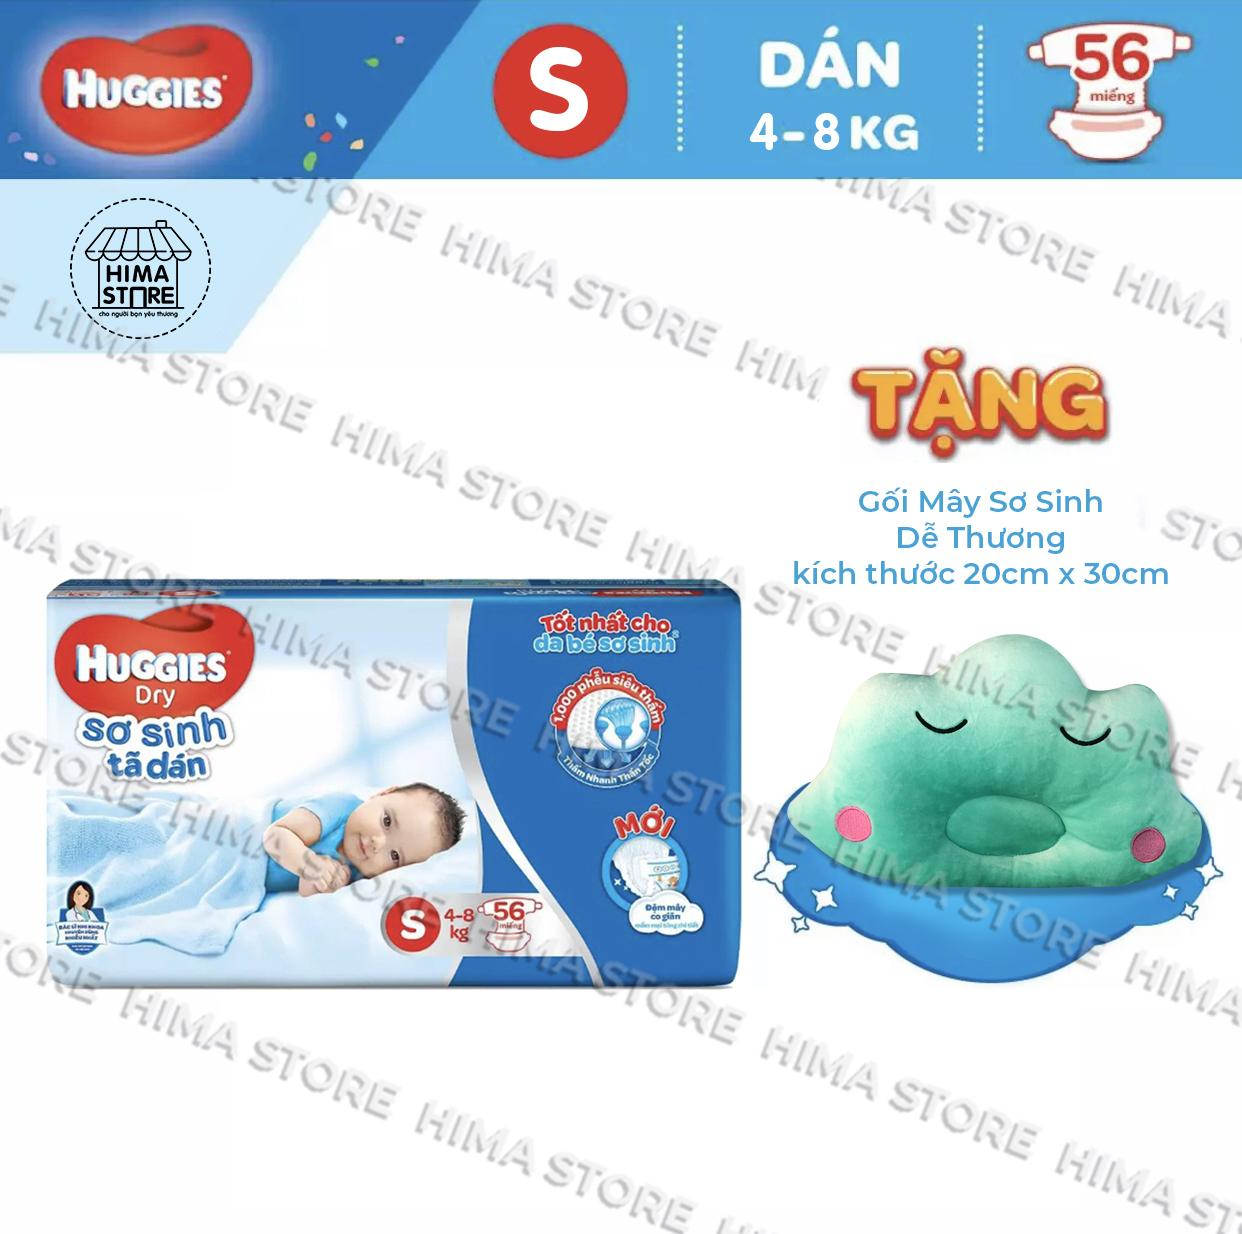 [Tặng Gối mây sơ sinh dễ thương] Tã dán sơ sinh Huggies Dry S56 - Huggies Dry Sơ Sinh Tã dán S56- 56 Miếng (4-8kg)